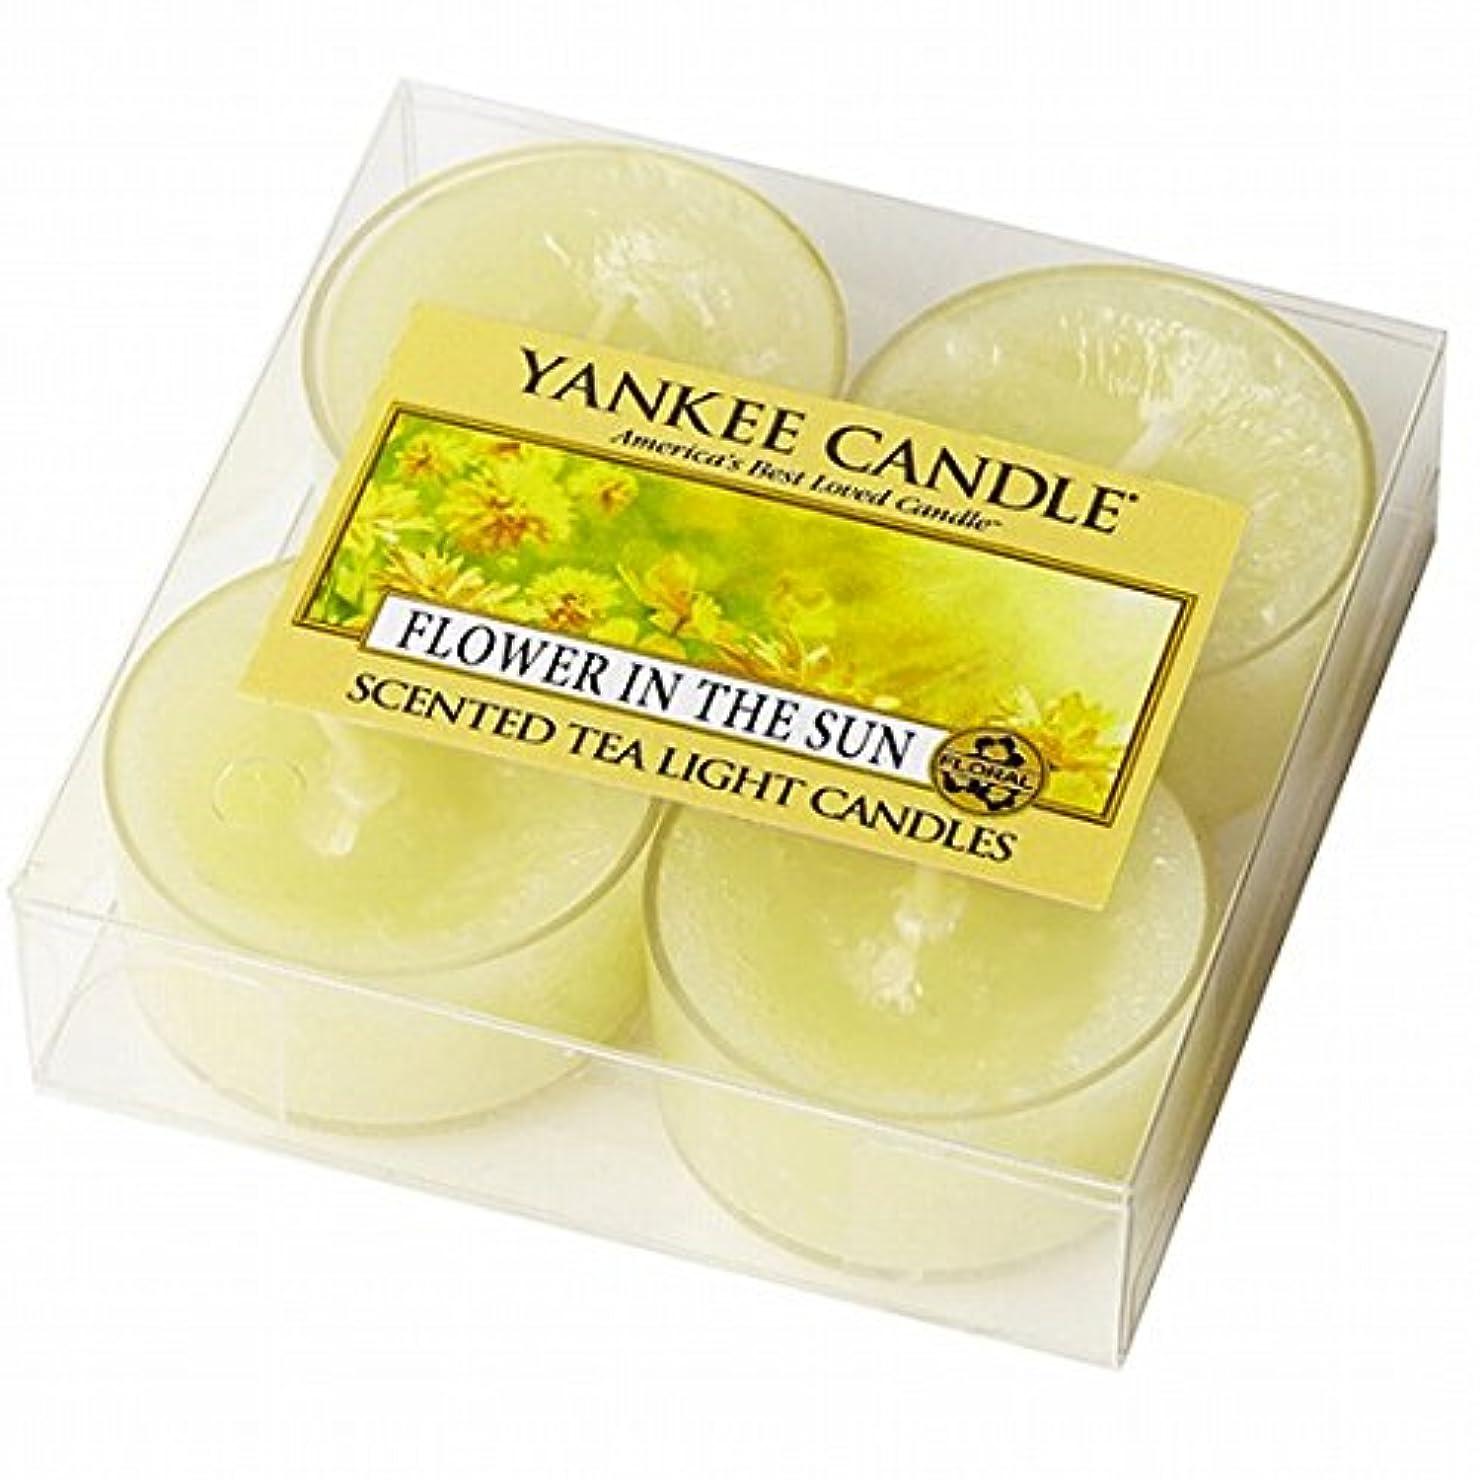 ただやる廃棄する日ヤンキーキャンドル( YANKEE CANDLE ) YANKEE CANDLE クリアカップティーライト4個入り 「フラワーインザサン」